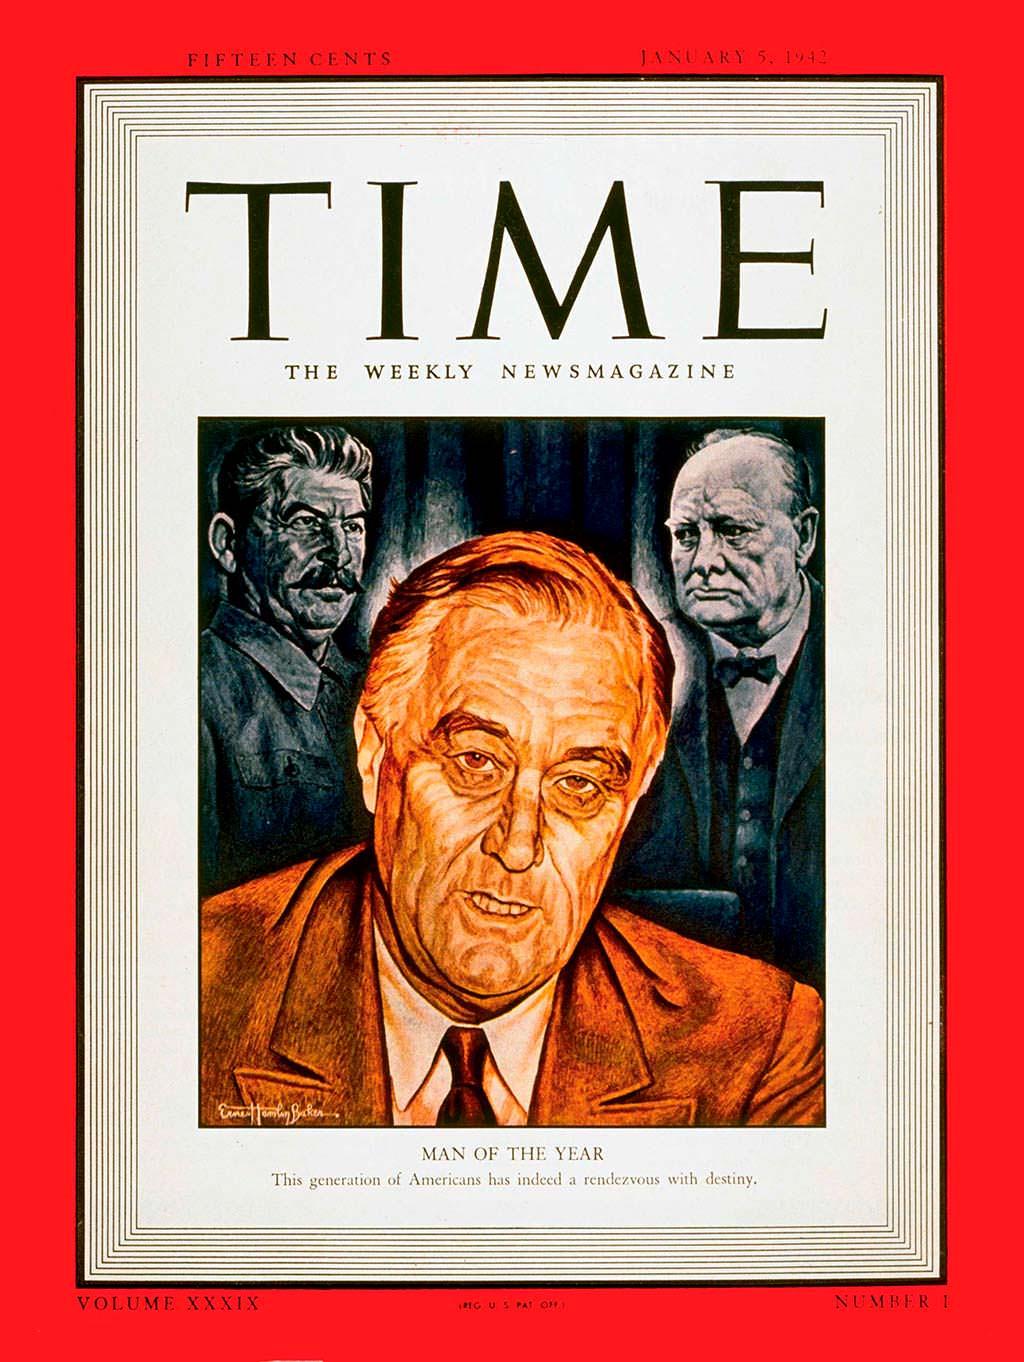 1941 год. 32-й президент США Франклин Рузвельт на обложке Time